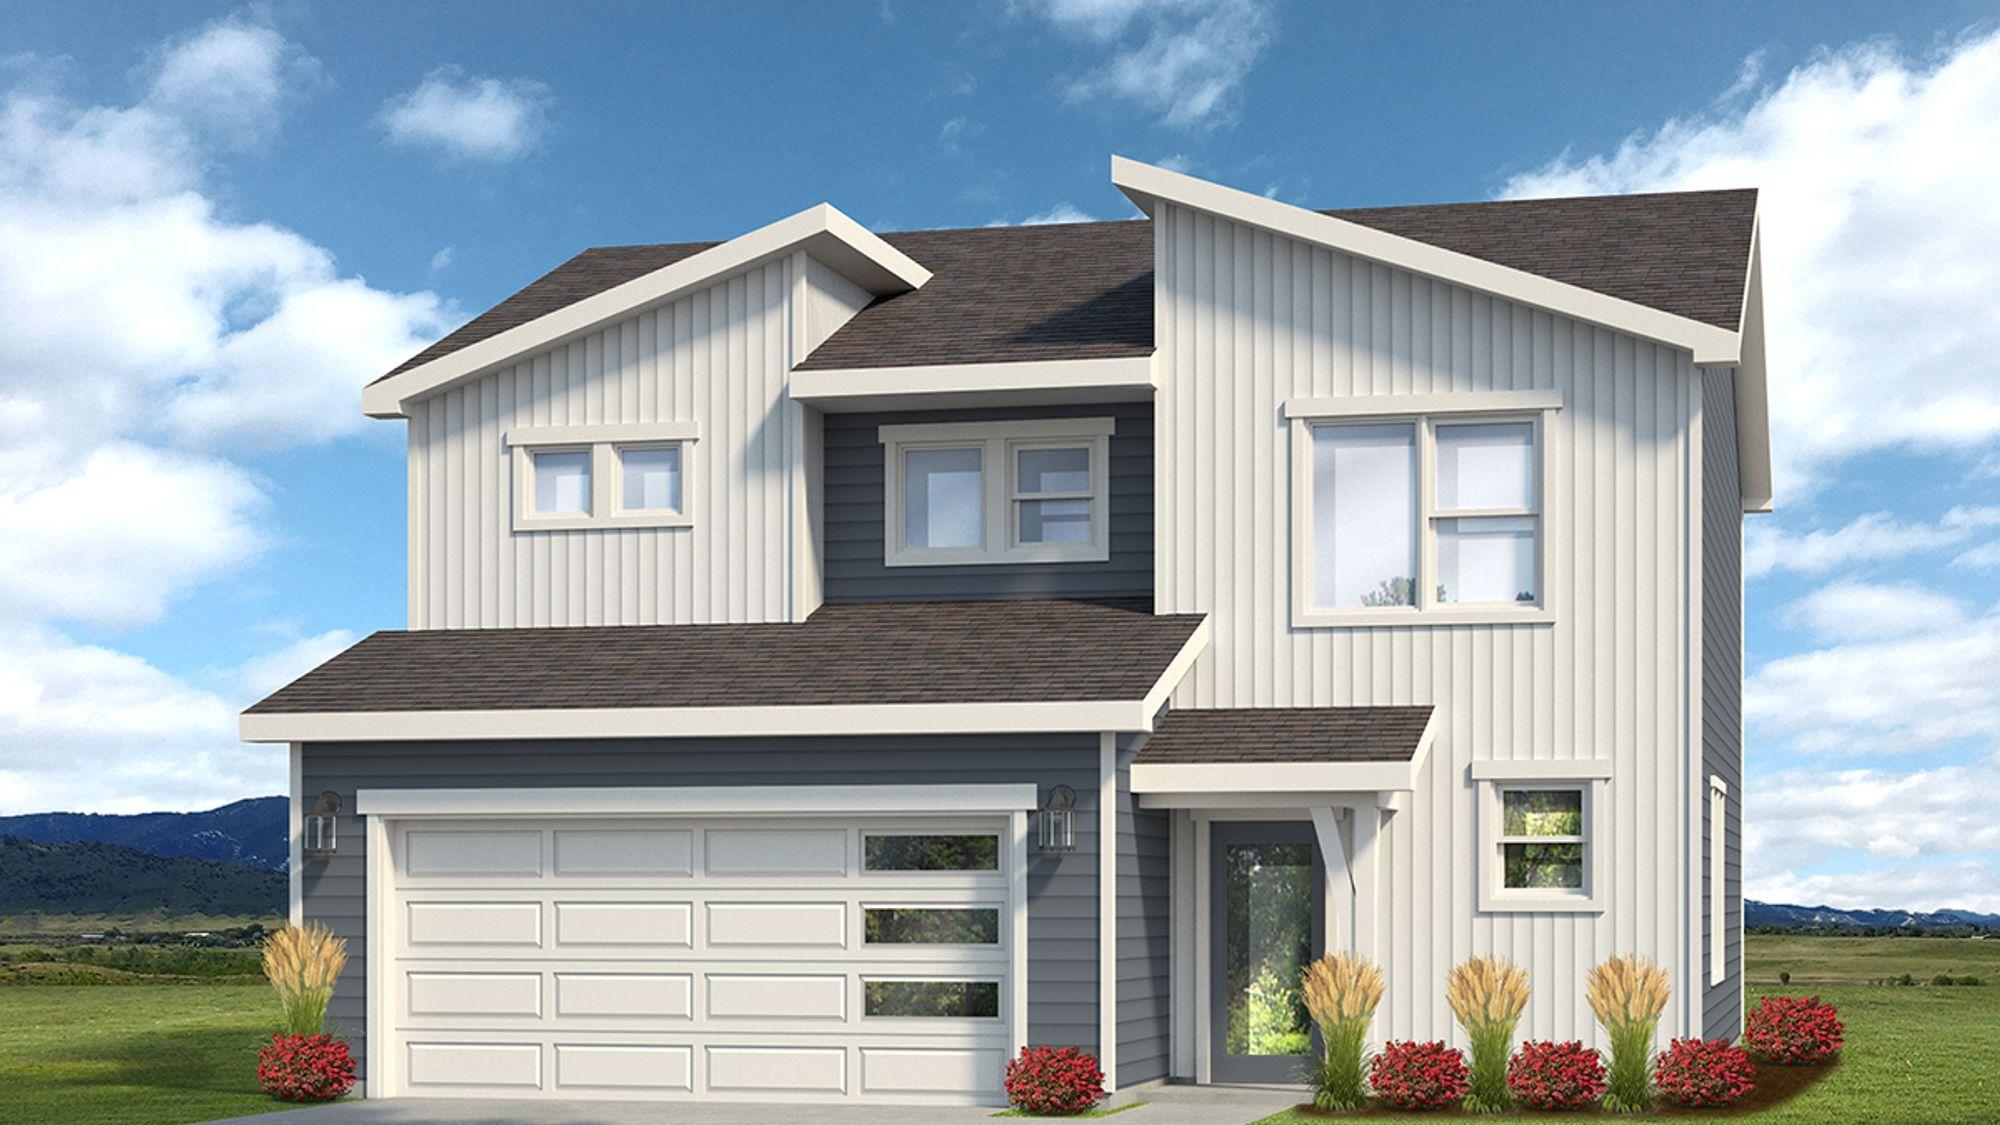 Weston 505C - Contemporary Elevation - Example